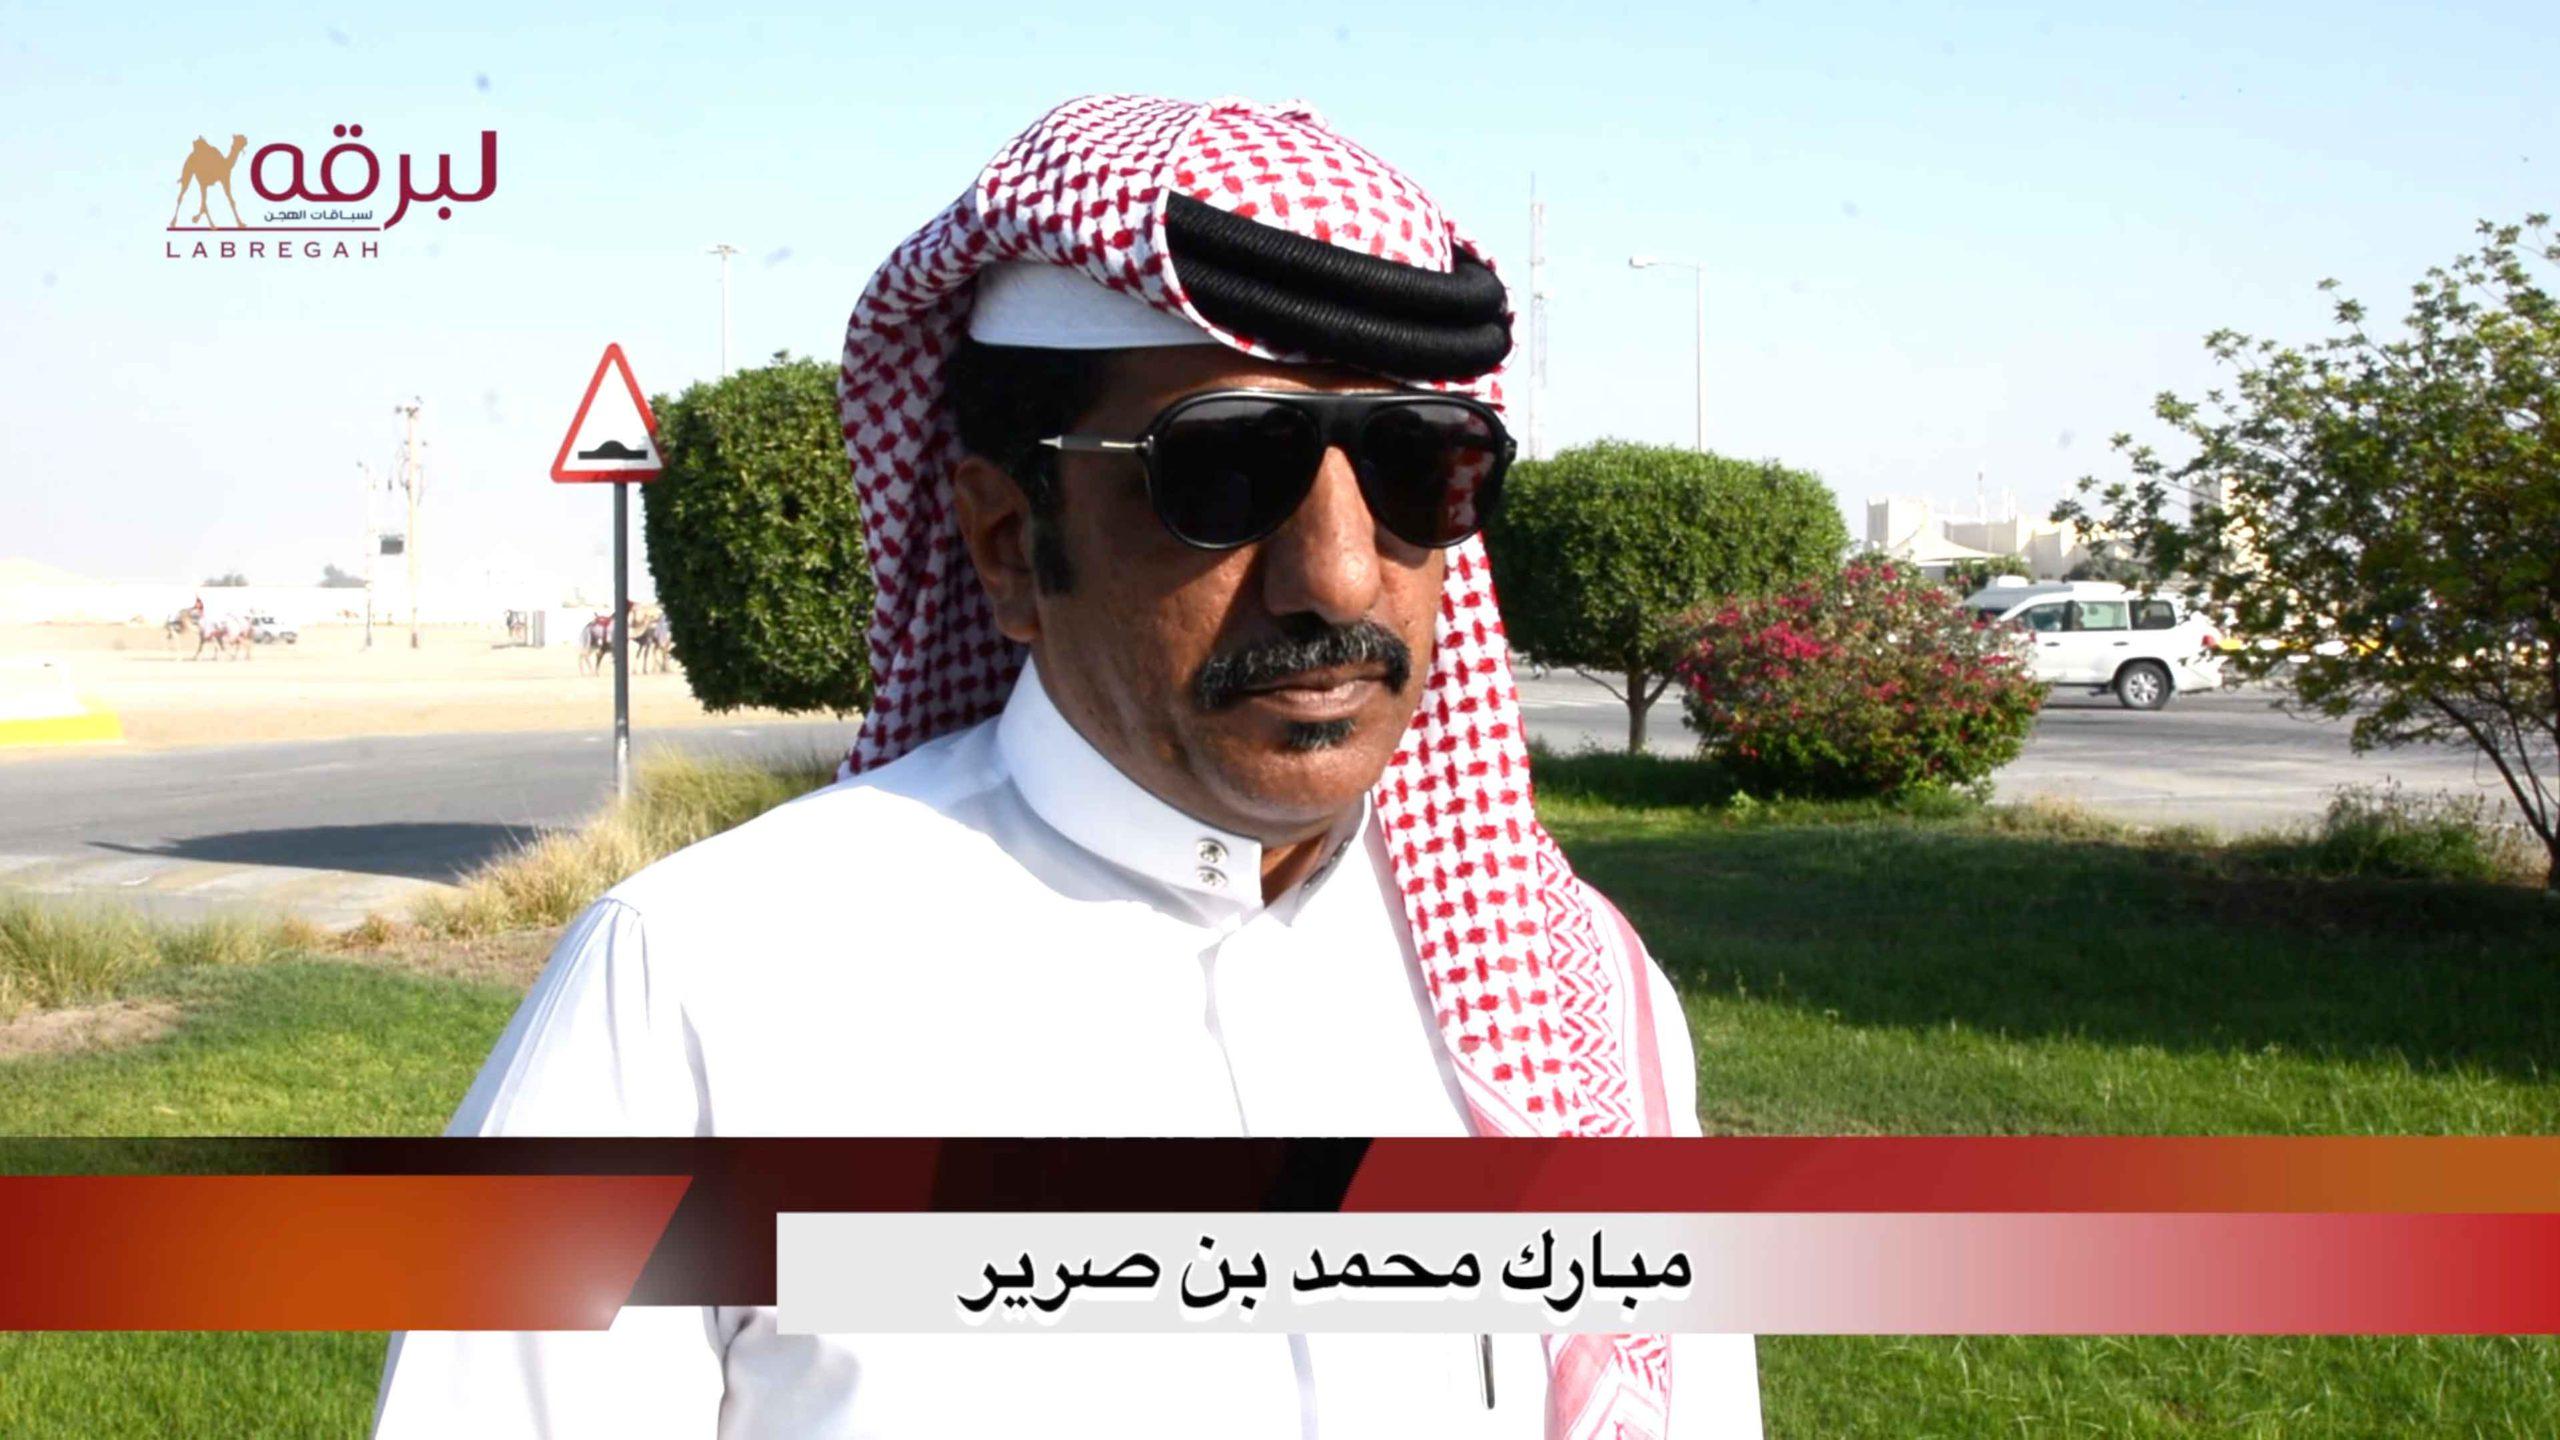 لقاء مع مبارك محمد بن صرير.. الشوط الرئيسي للجذاع قعدان مفتوح الأشواط المفتوحة ٢٤-٩-٢٠٢٠